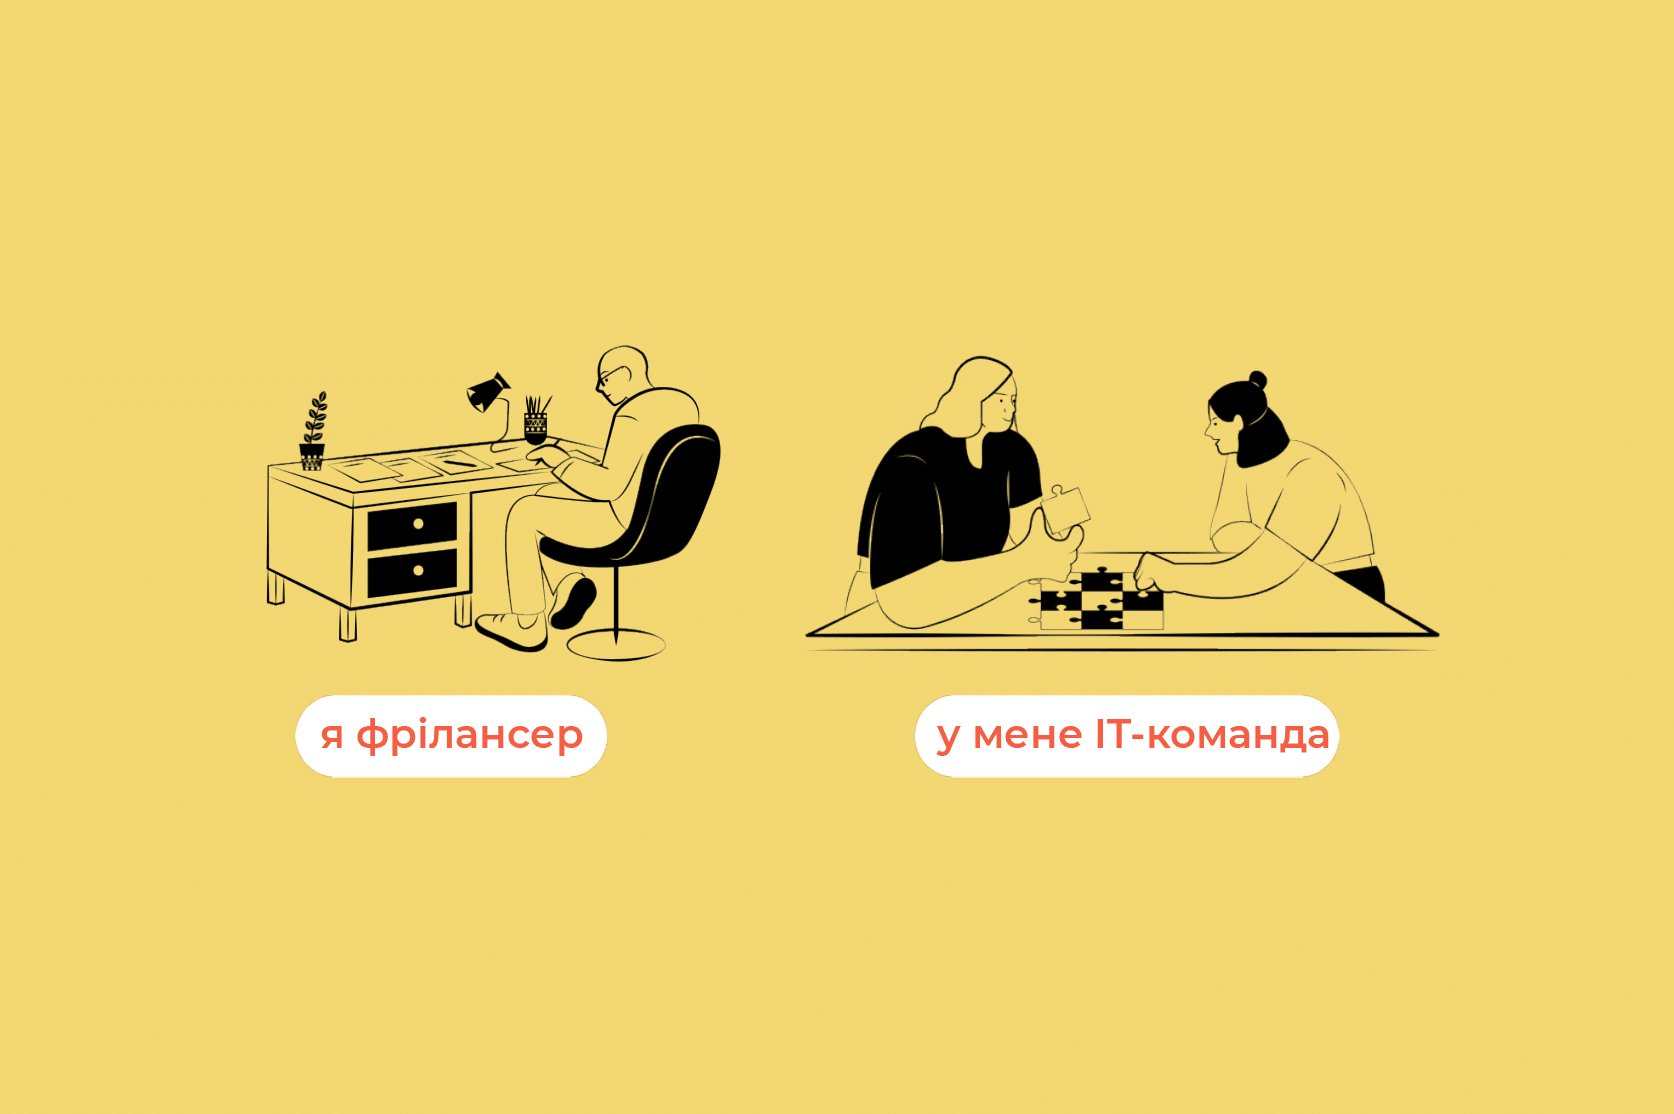 Міністерство цифрової трансформації України: як білоруським IT-фахівцям переїхати в нашу країну